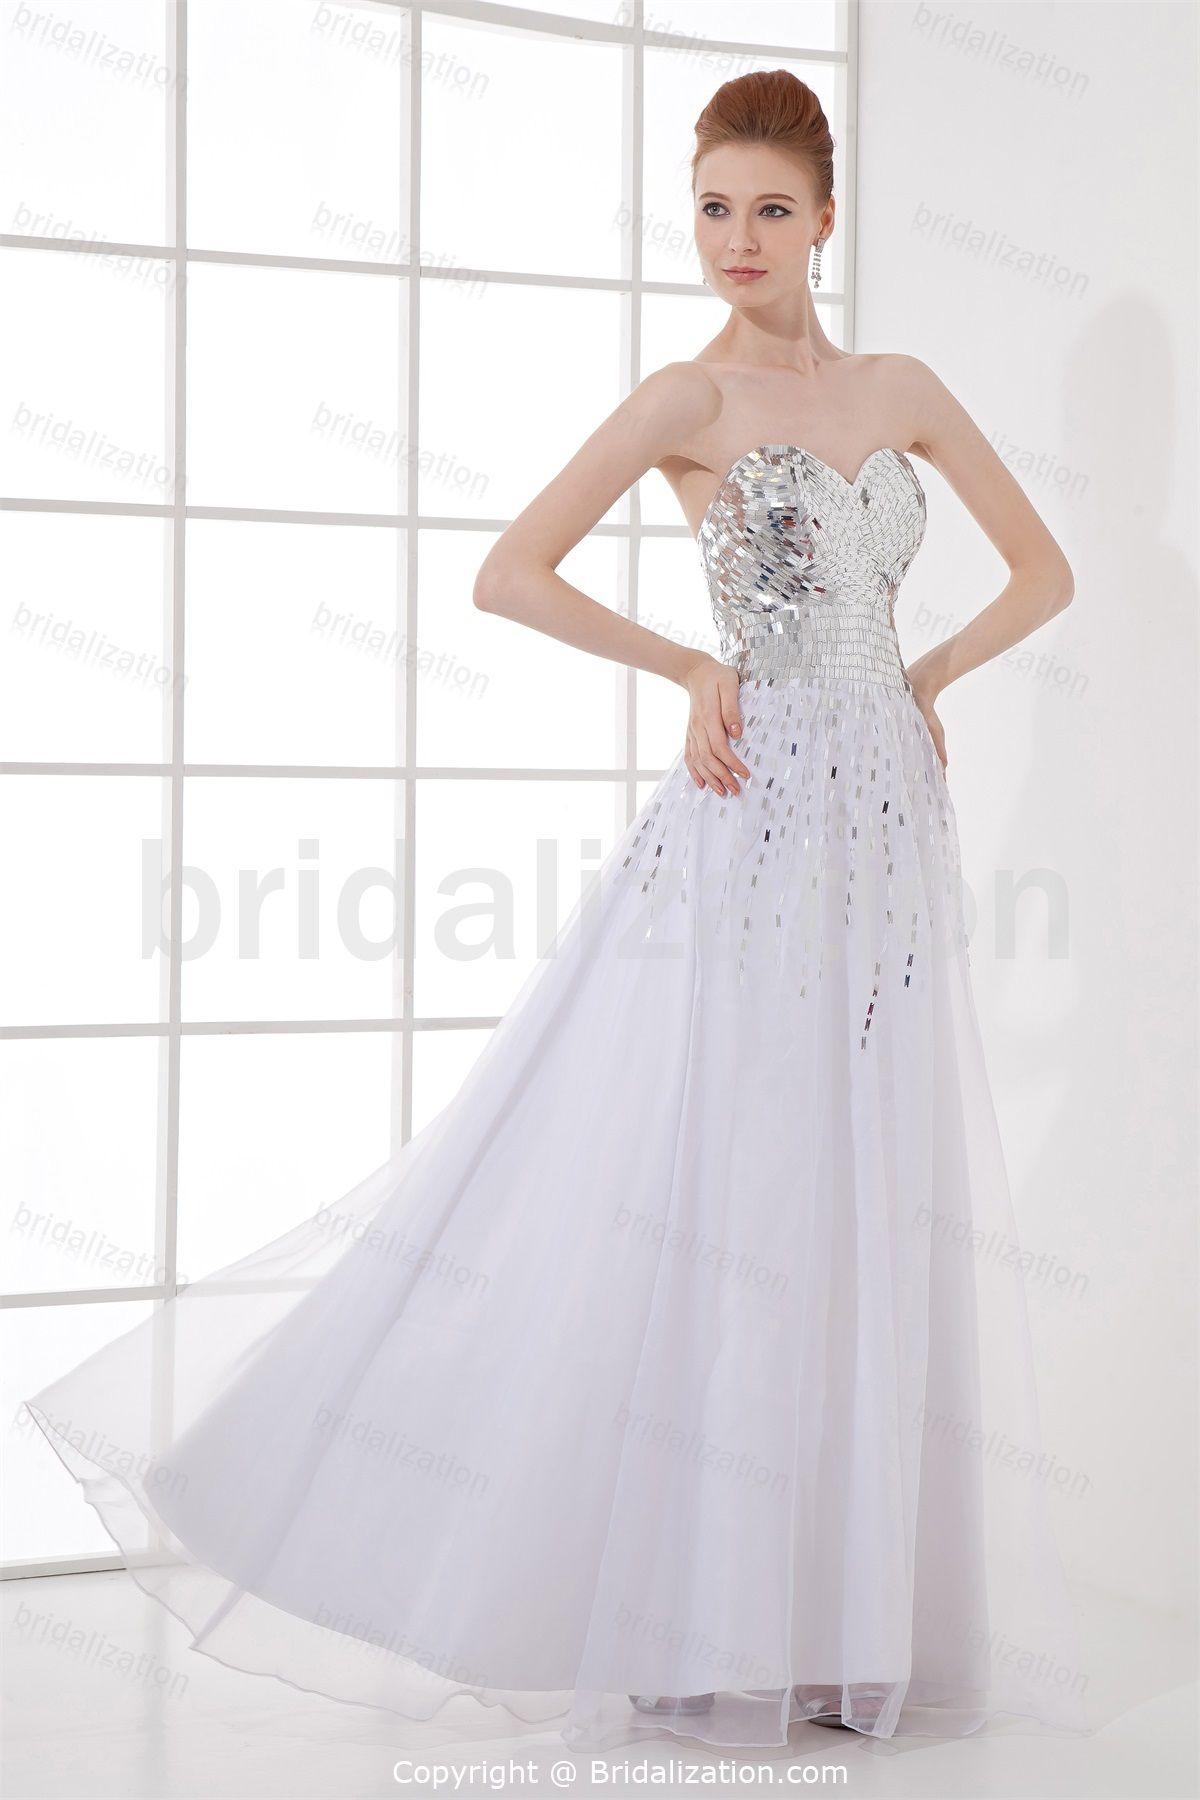 Tolle Prom Kleider Für Hourglaßabbildung Bilder - Hochzeit Kleid ...